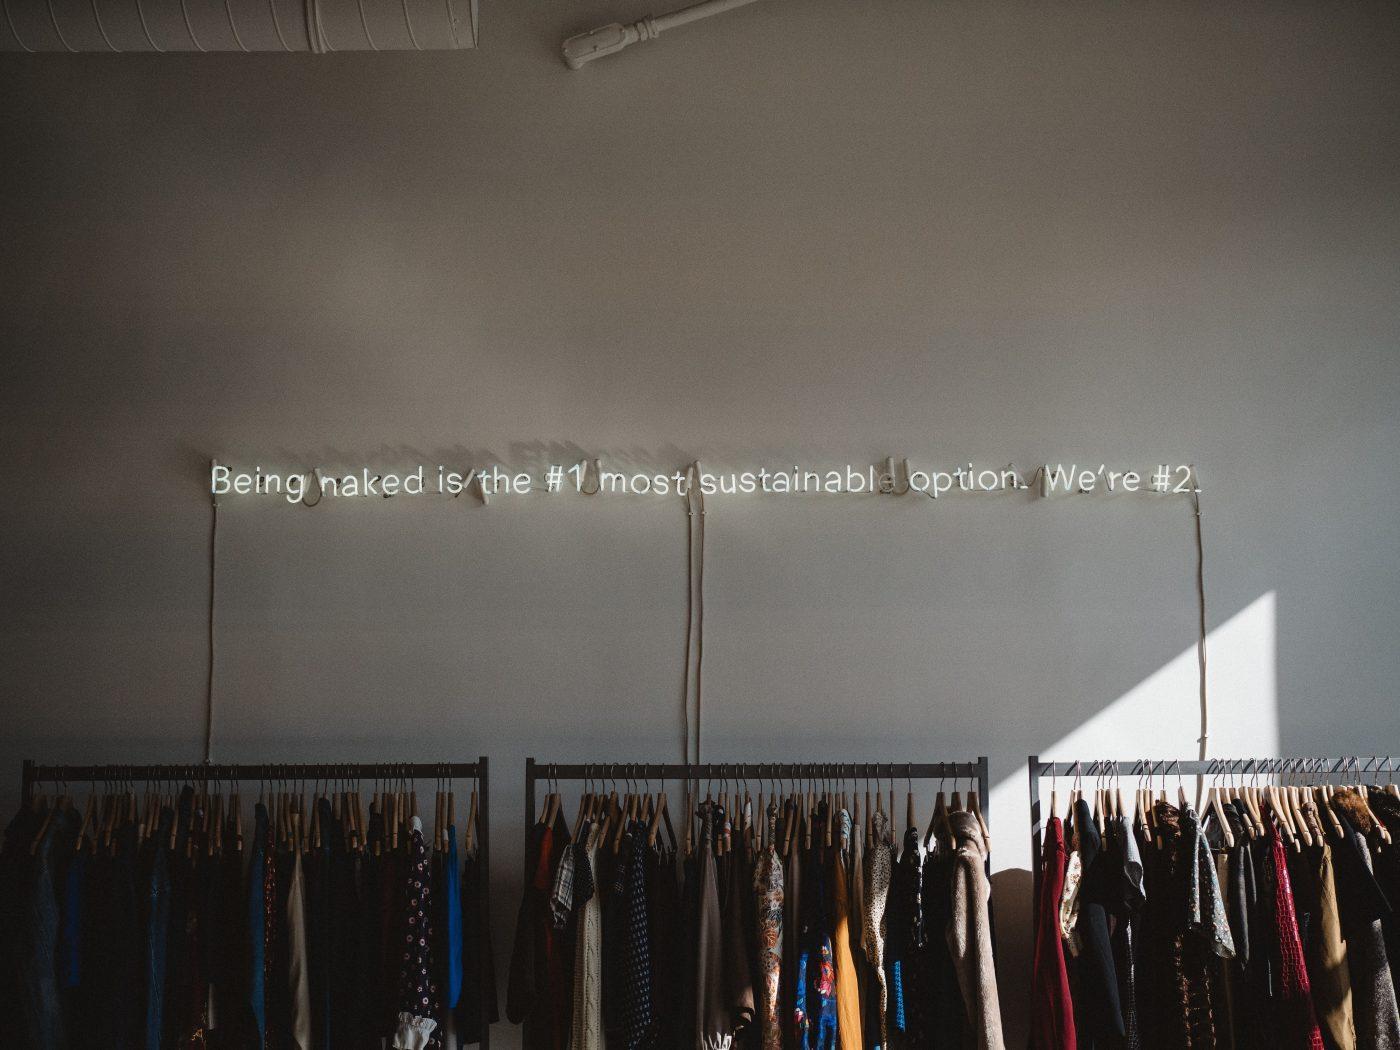 Duurzame mode begrippen uitgelegd